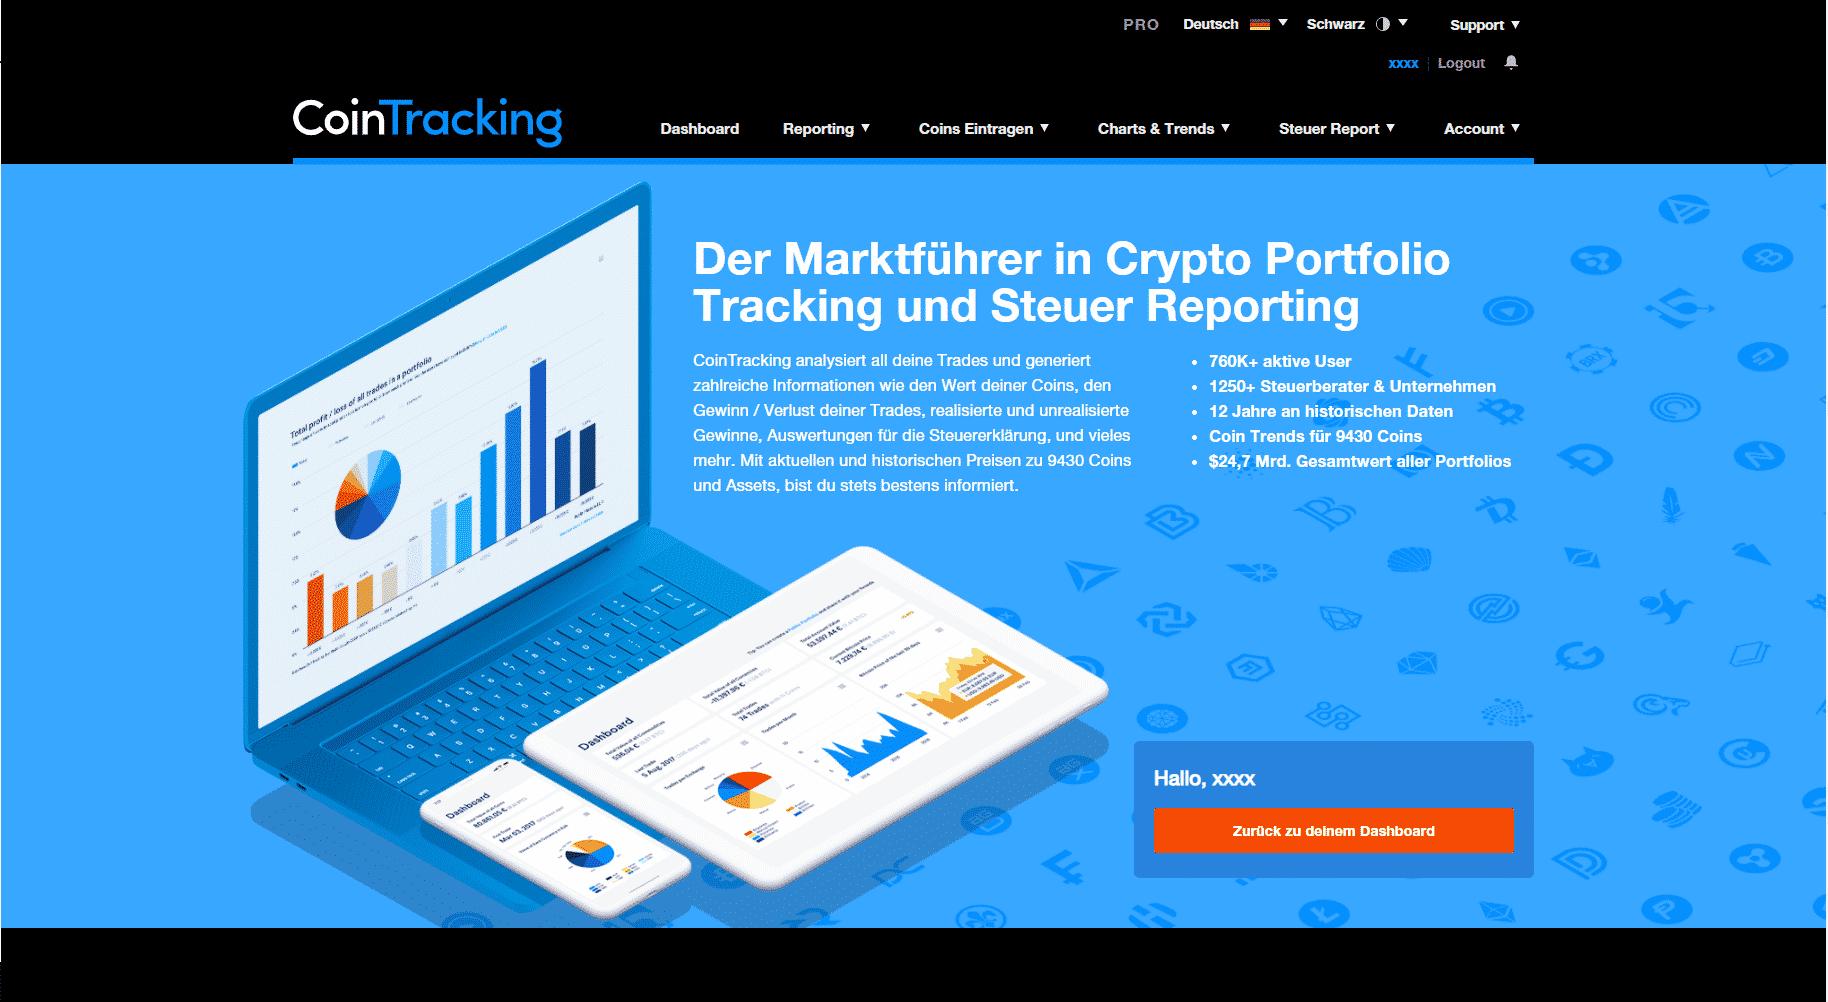 Screenshot der Webseite cointracking.info vom 02.03.2021